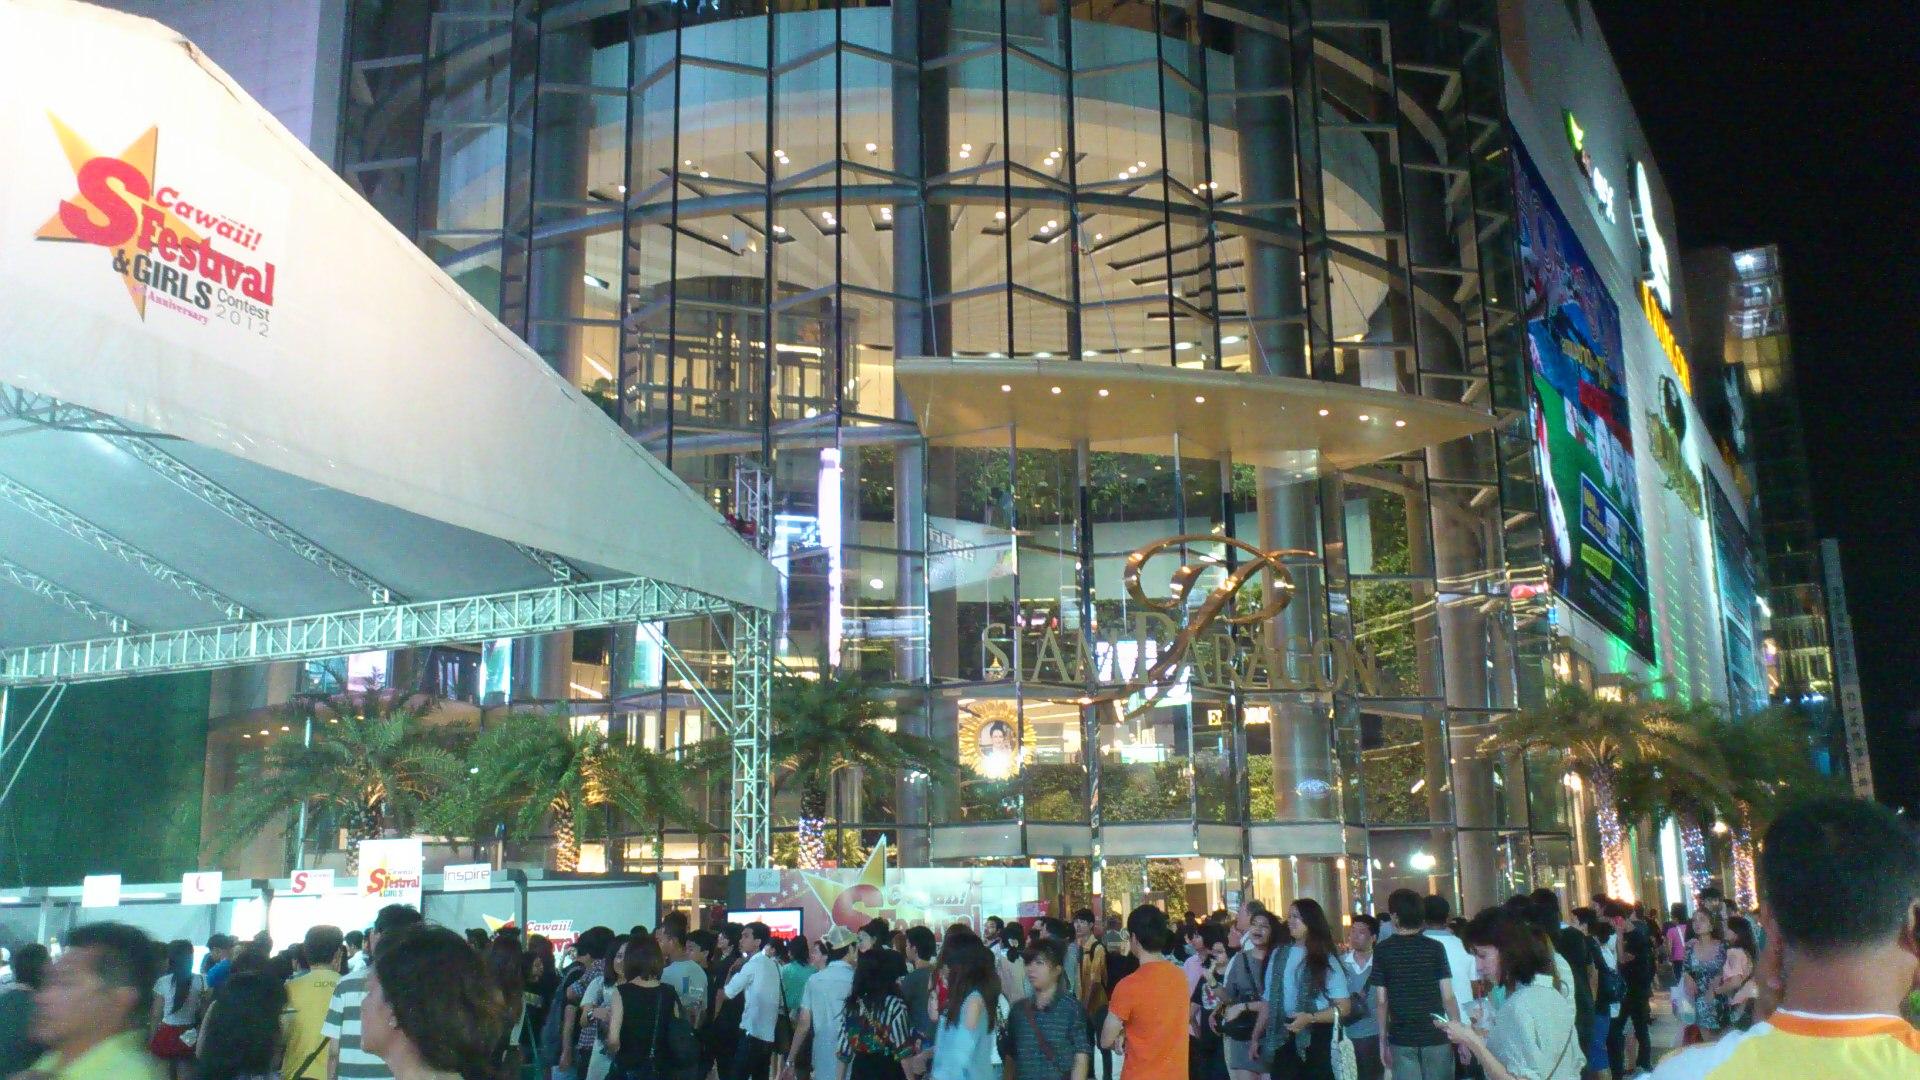 サイアムパラゴン広場 2012年5月26日19時39